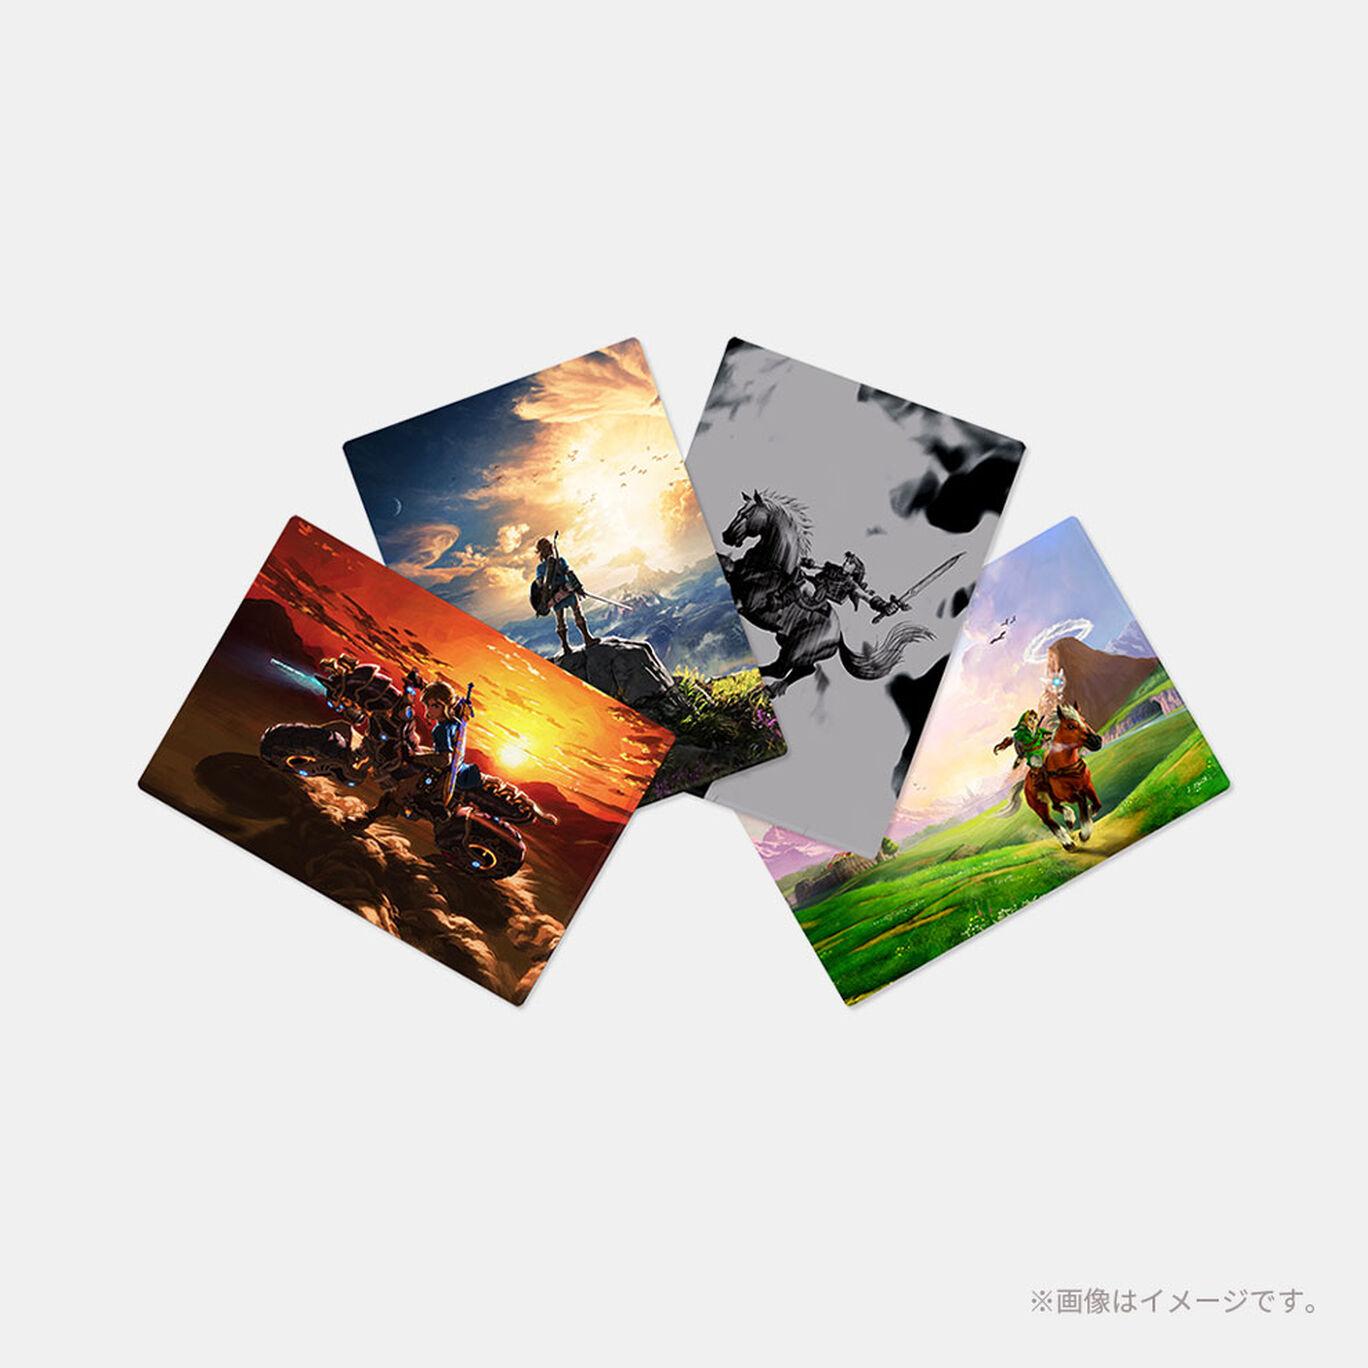 ゼルダの伝説 A4クリアファイル(4枚セット)